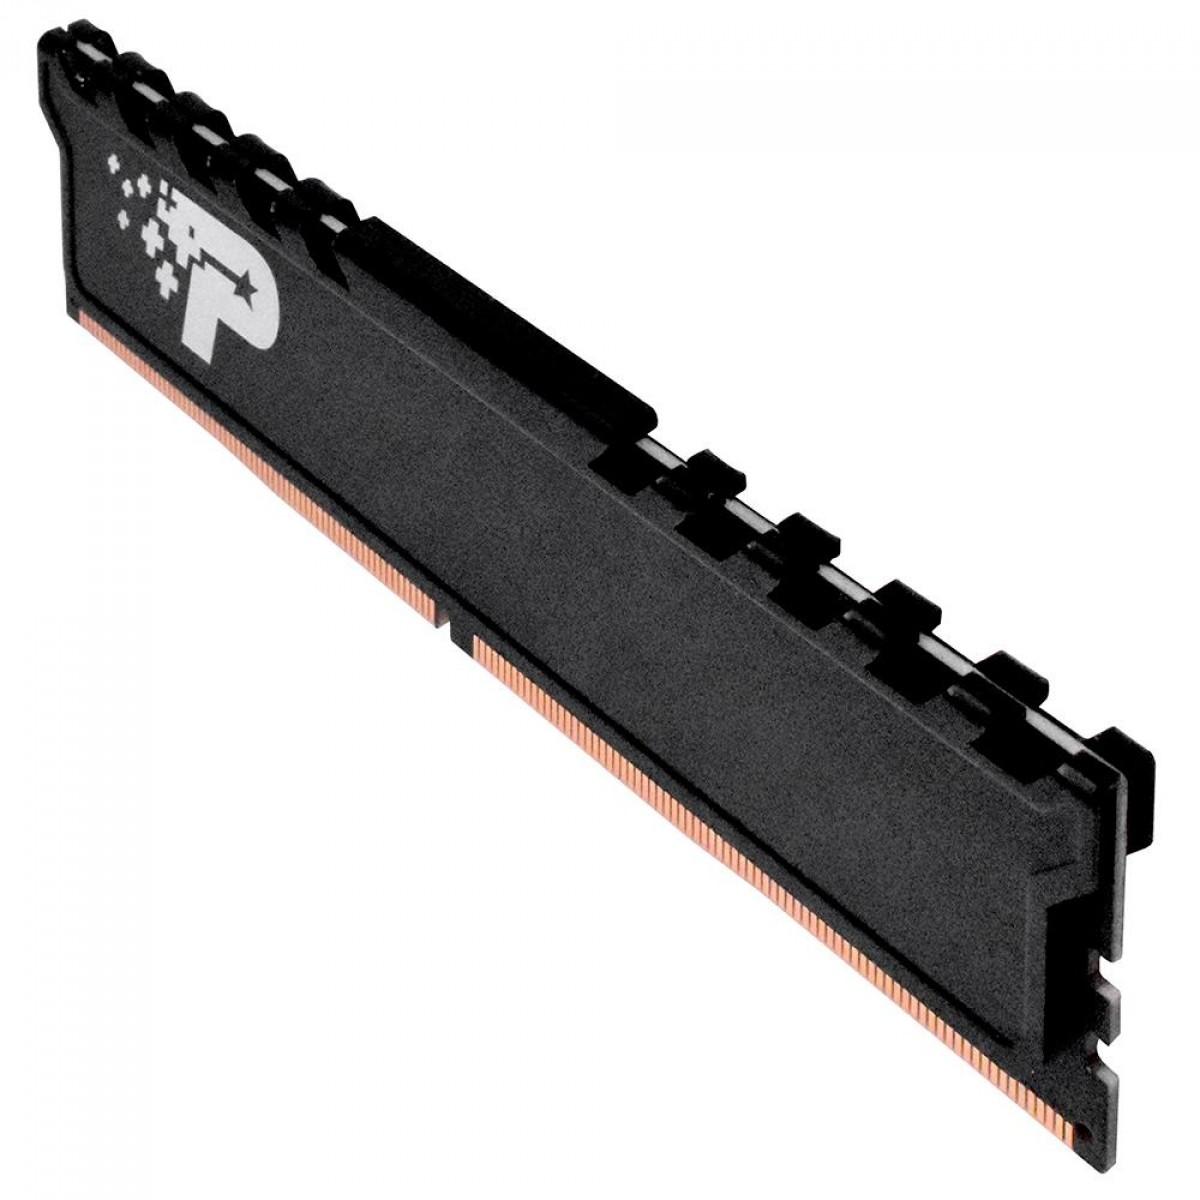 Memória DDR4 Patriot Signature Premium Series, 4GB (1x4GB) 2400MHz, Black, PSP44G240081H1